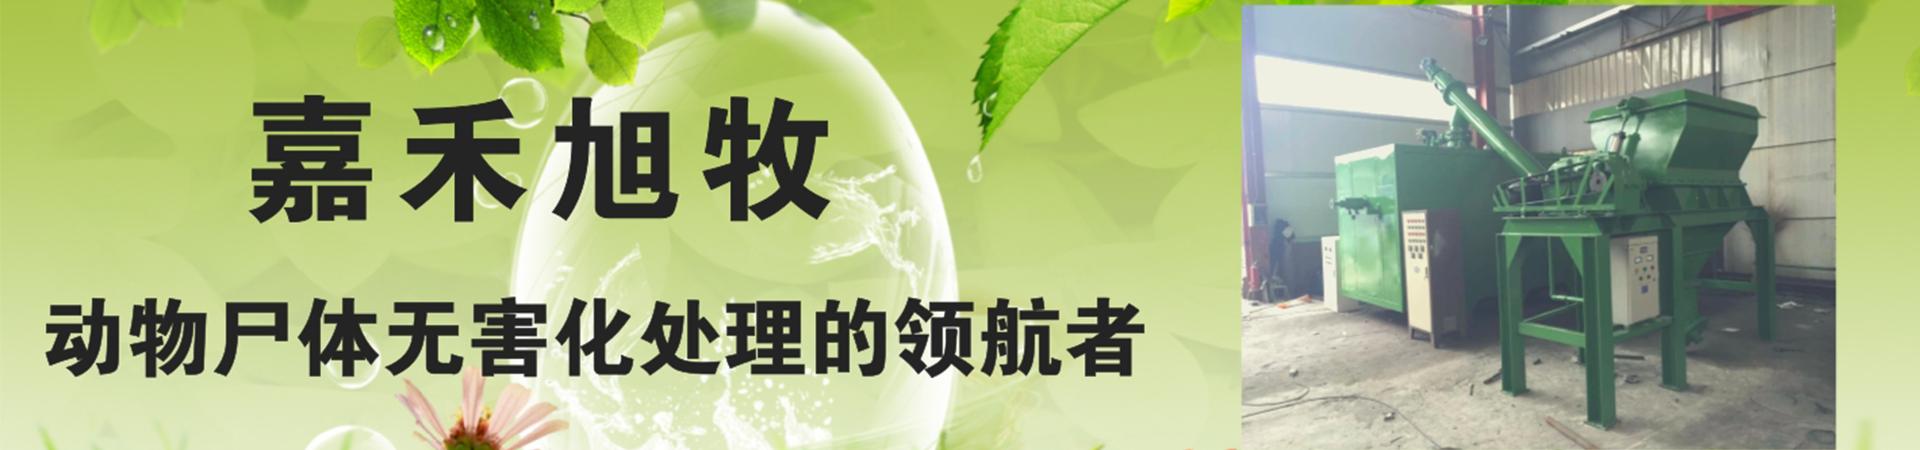 北京嘉禾旭牧科技vwin德赢官方网站公司介绍